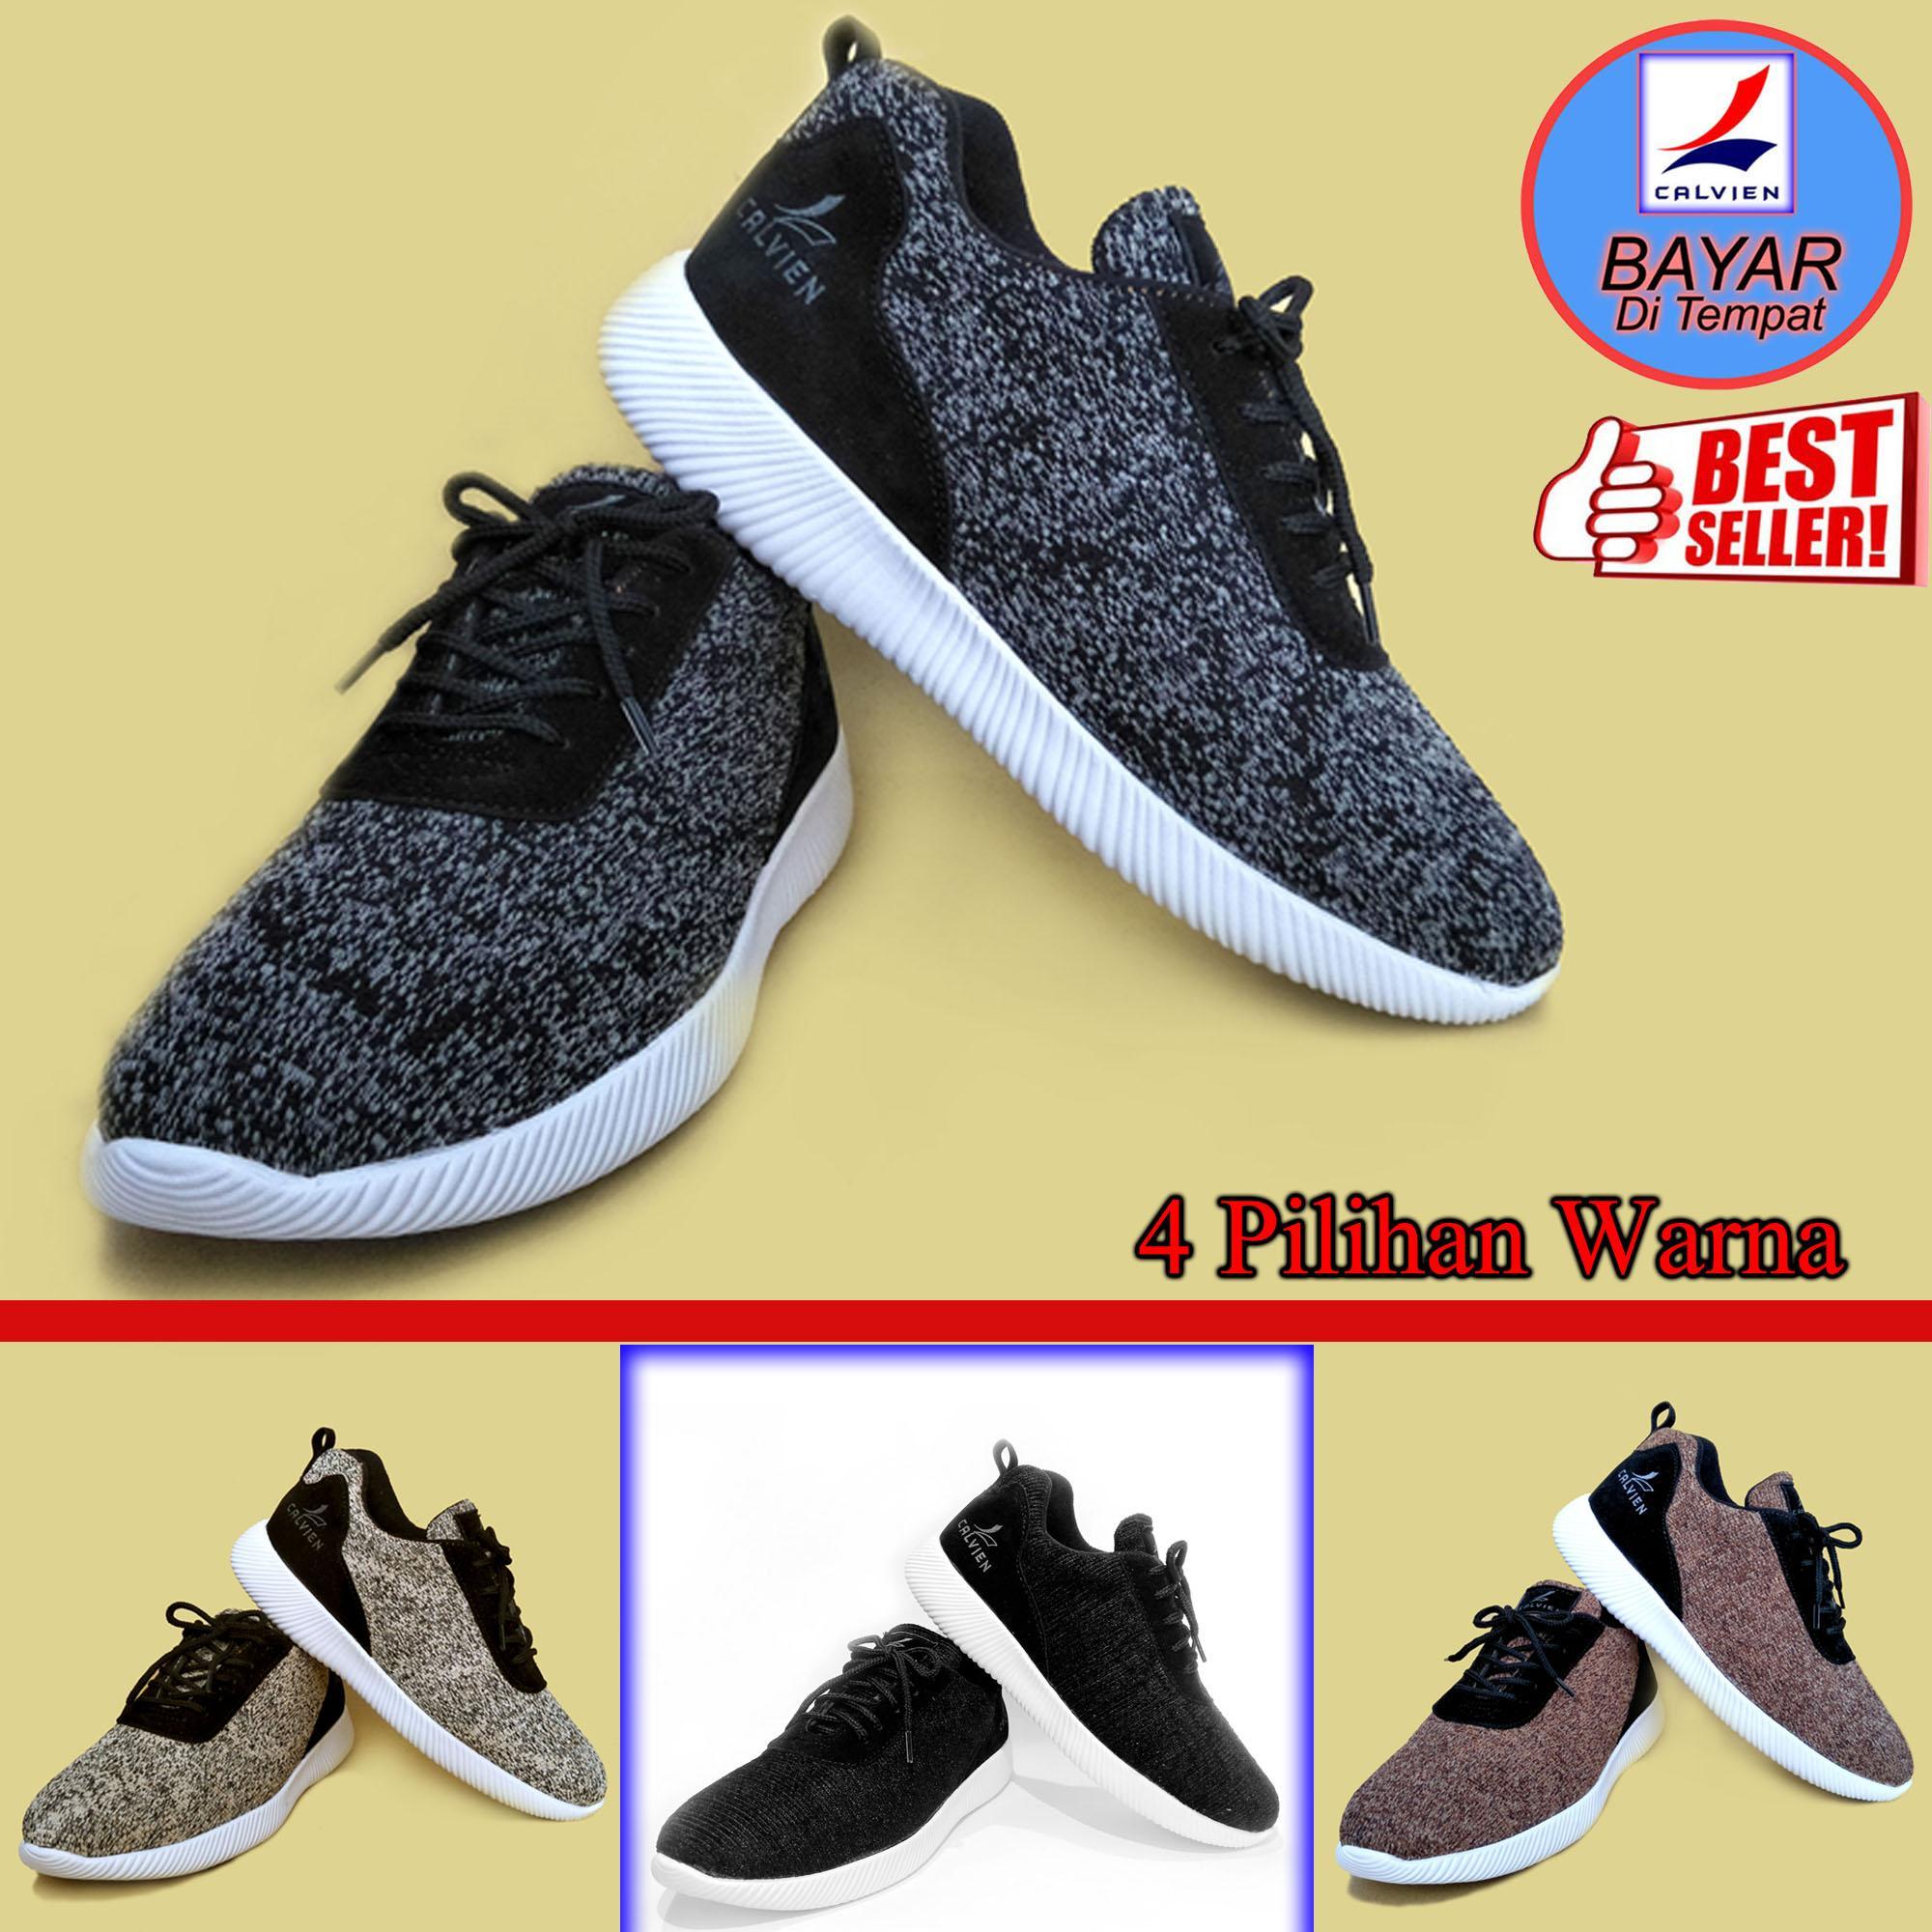 Jual Sepatu Sneakers Pria Terbaru Catenzo High Super Black Calvien Kets Olah Raga Kasual Kode